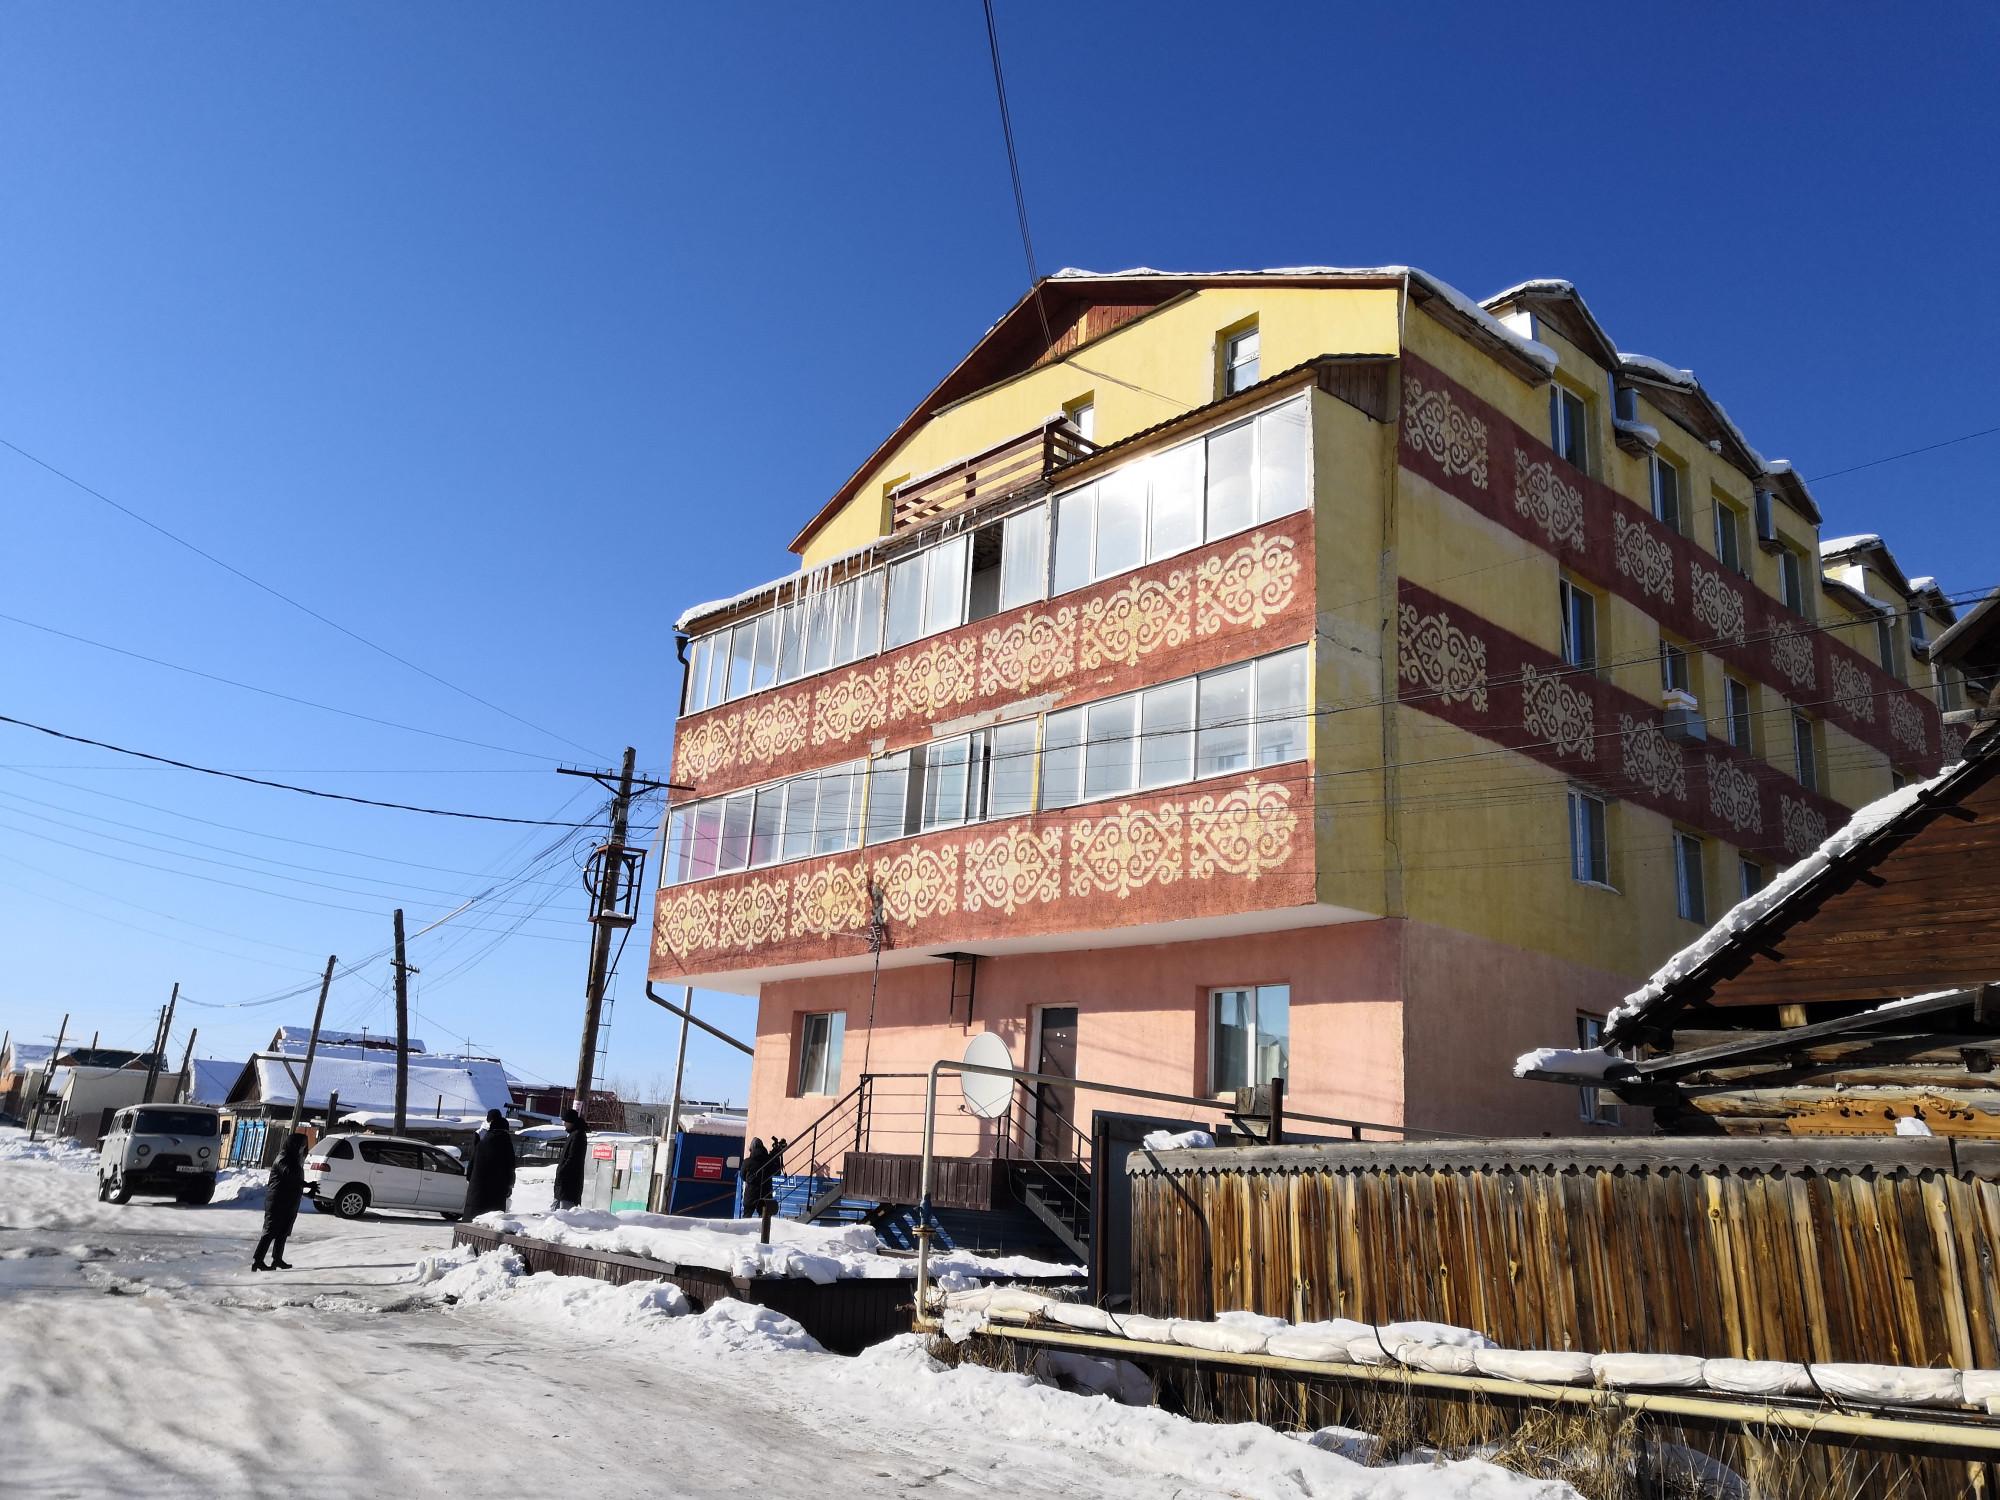 Гостройжилнадзор Якутии провёл рейд по самовольным постройкам Якутска